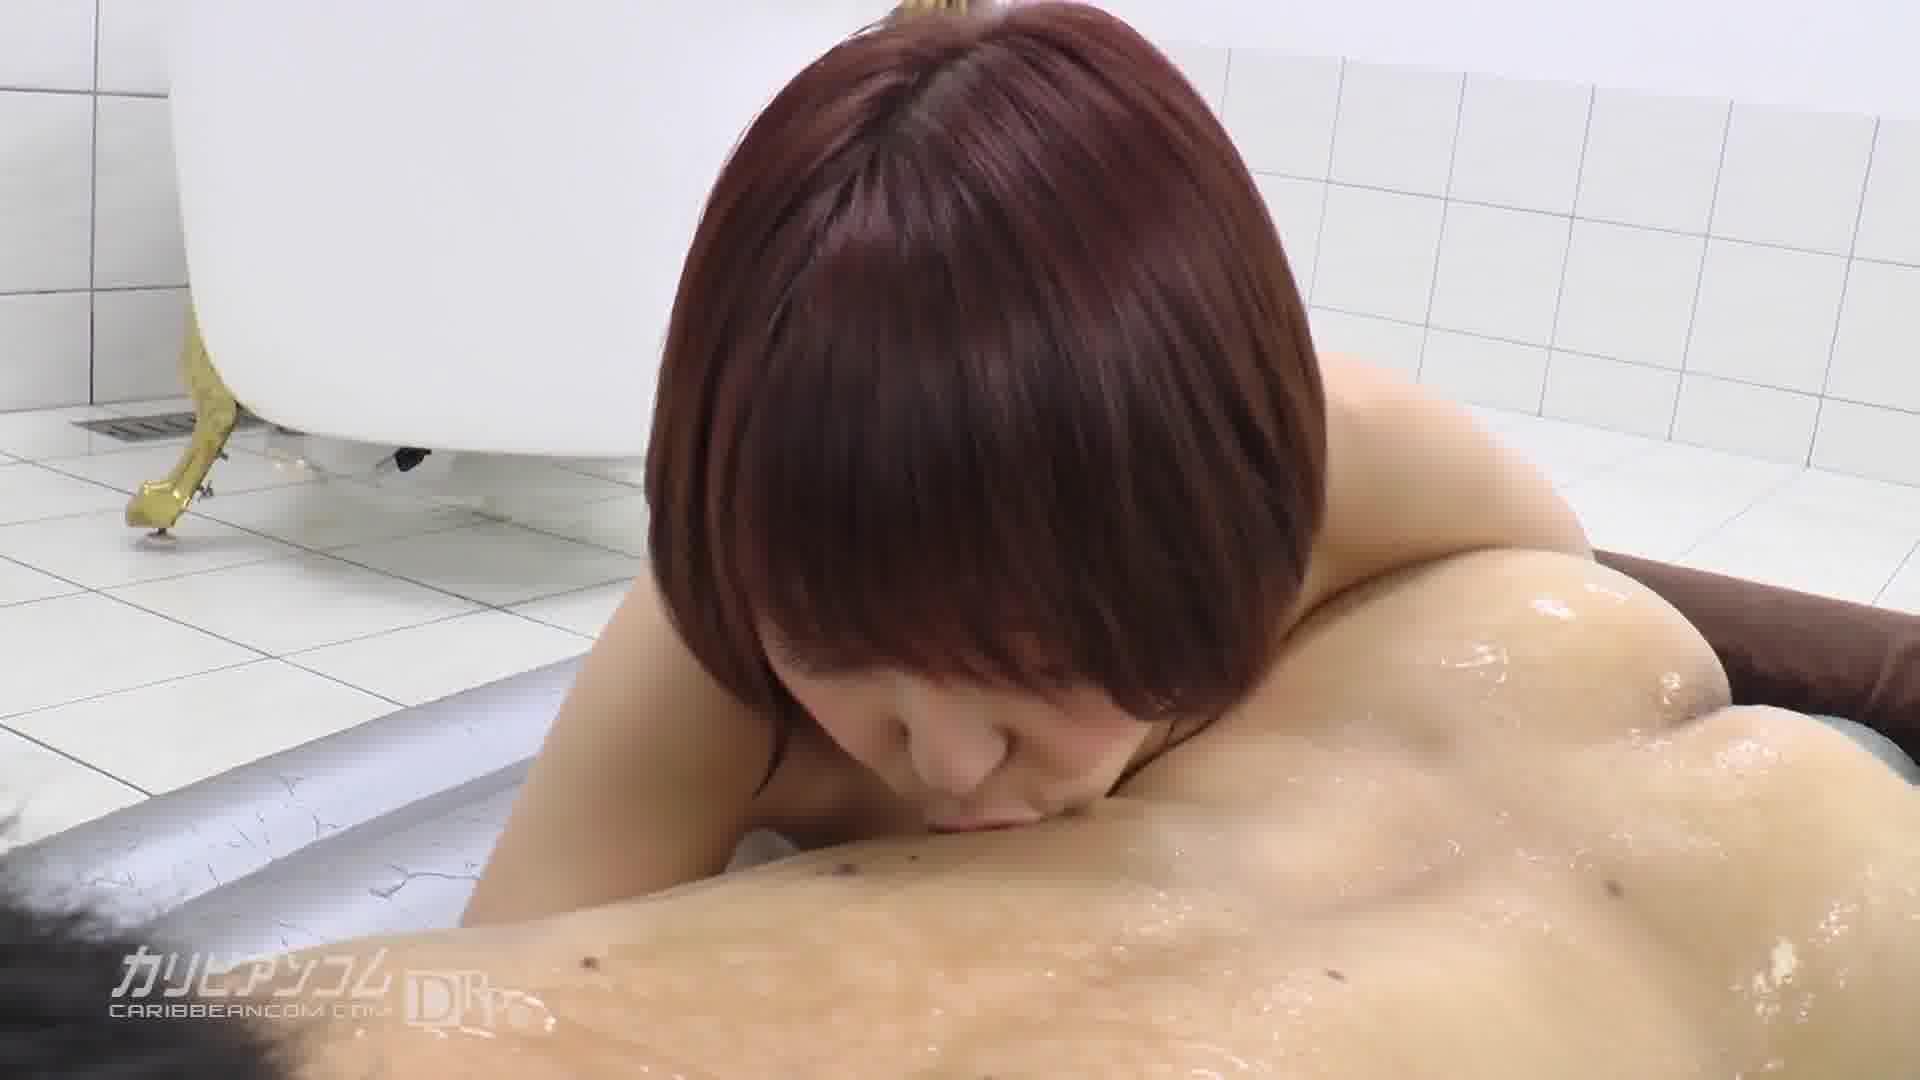 極上泡姫物語 Vol.35 - 双葉みお【パイズリ・スレンダー・初裏】